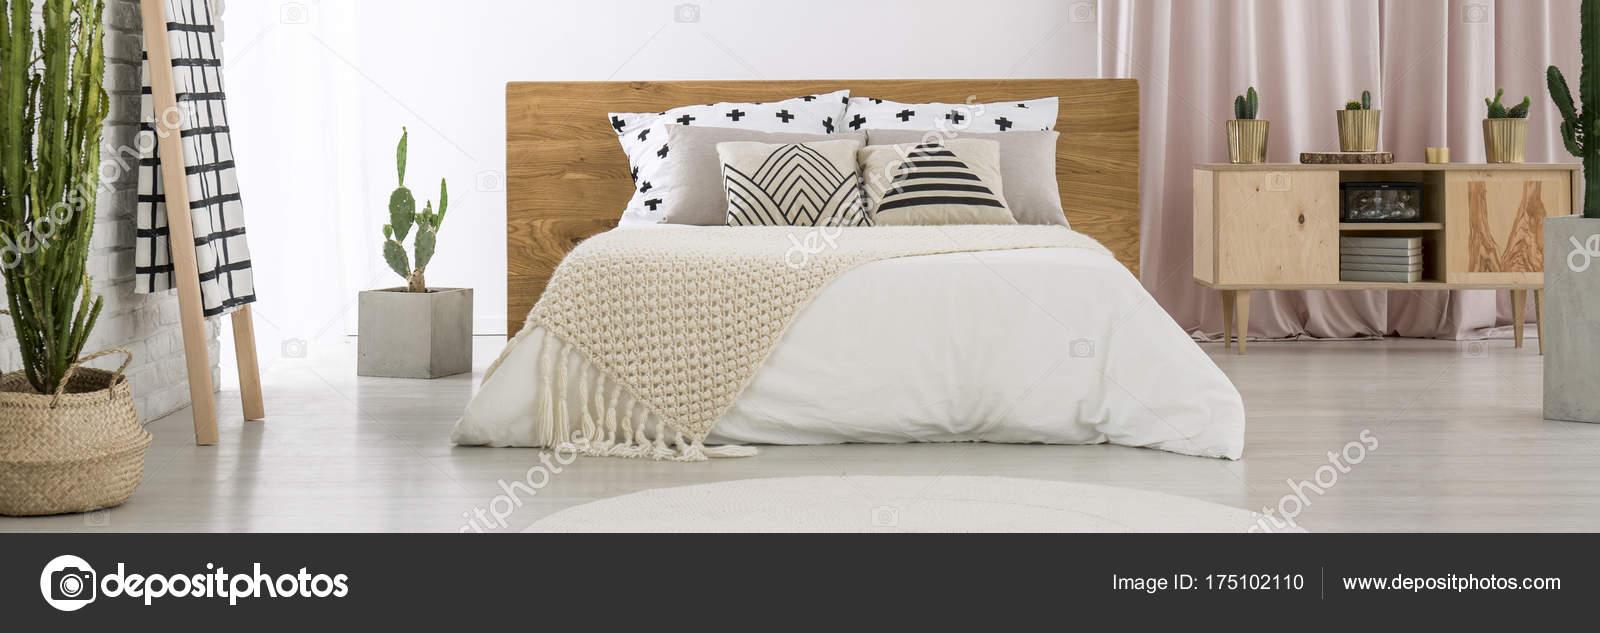 Geräumiges Schlafzimmer mit Kakteen — Stockfoto © photographee.eu ...